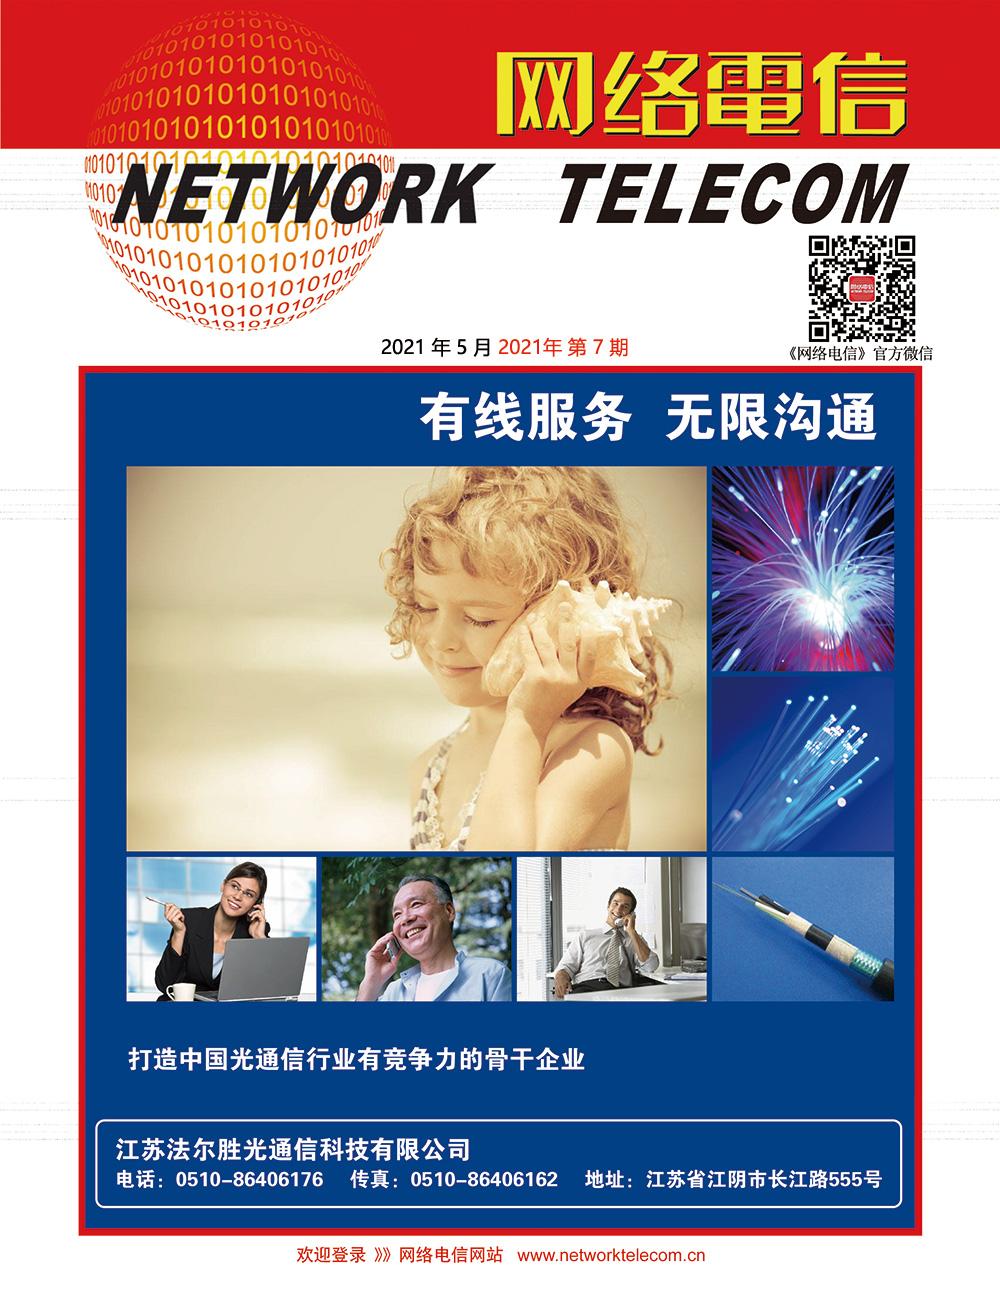 《网络电信》微杂志——2021年5月刊下